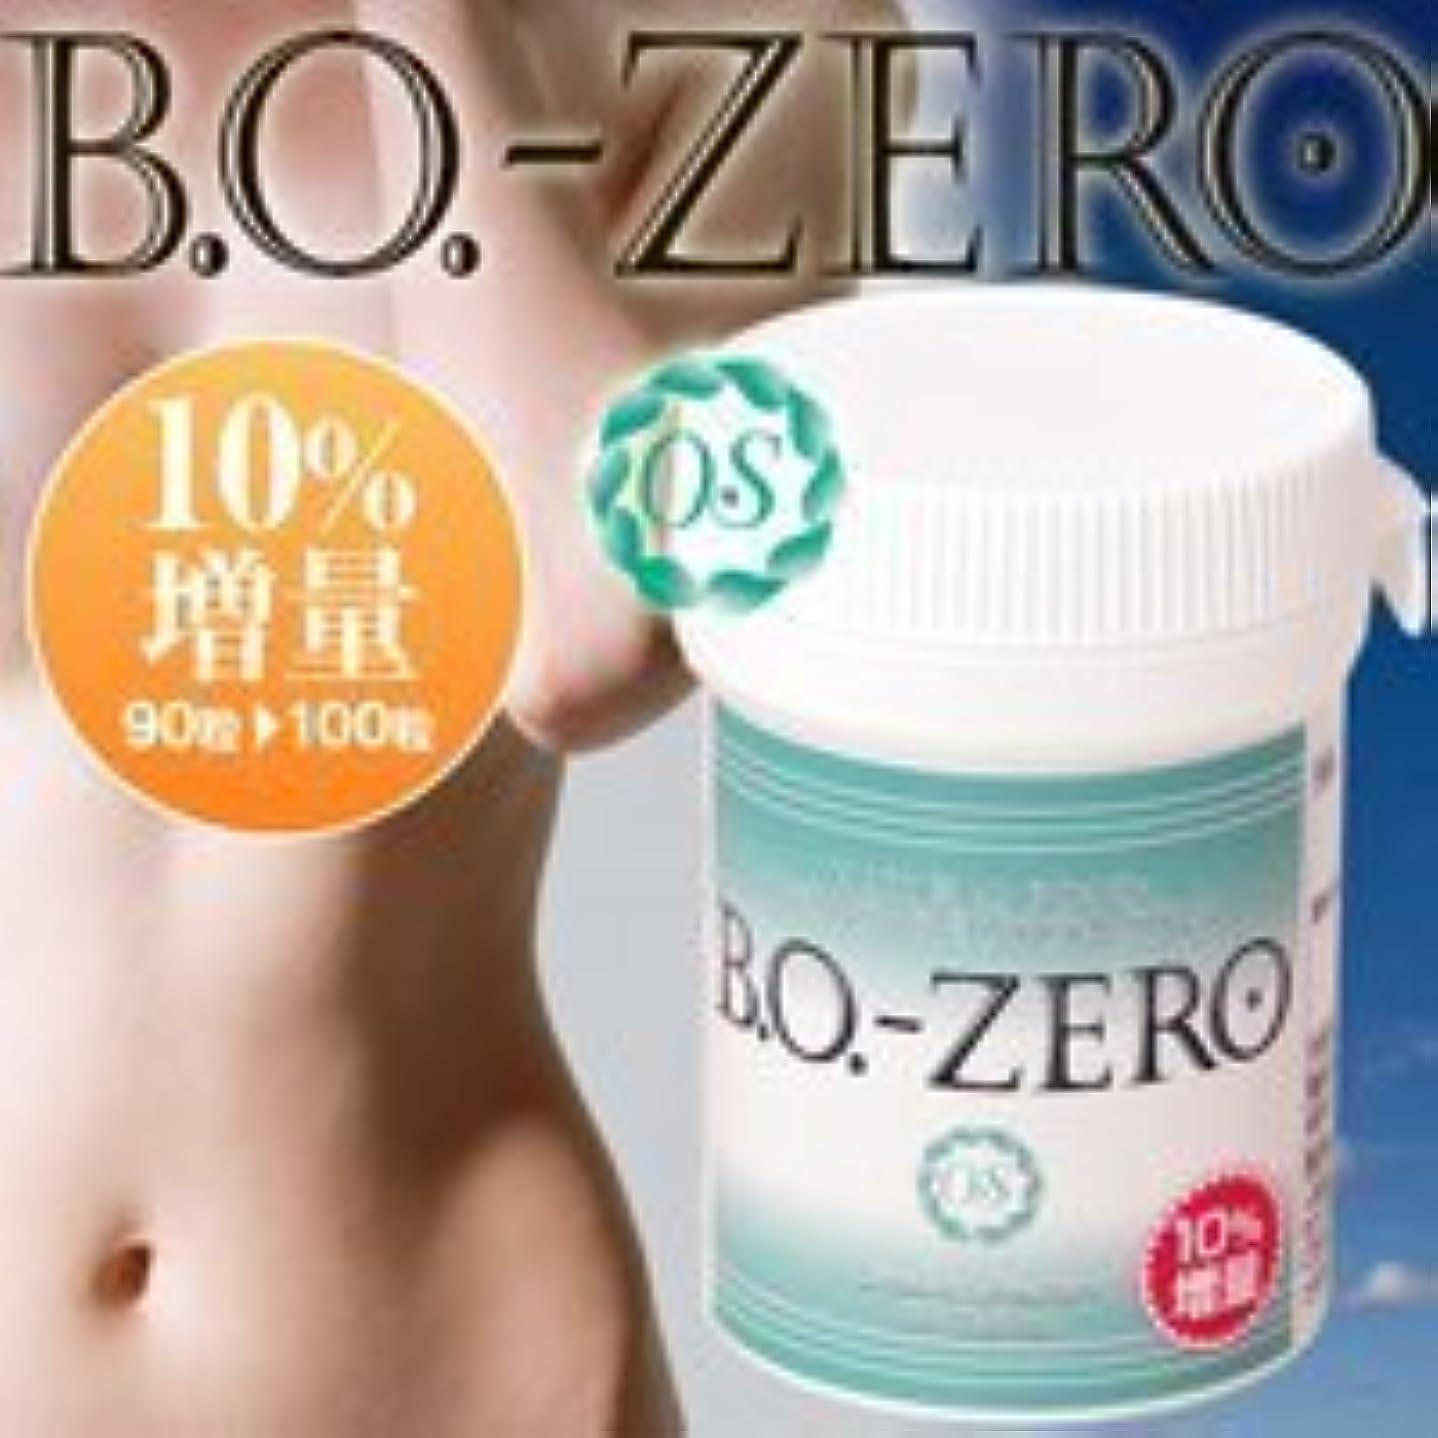 放牧する疑問を超えて葉BO ZERO (ビーオー ゼロ) 10%増量×2個セット?  体臭 口臭 汗臭 ワキガ などの対策に